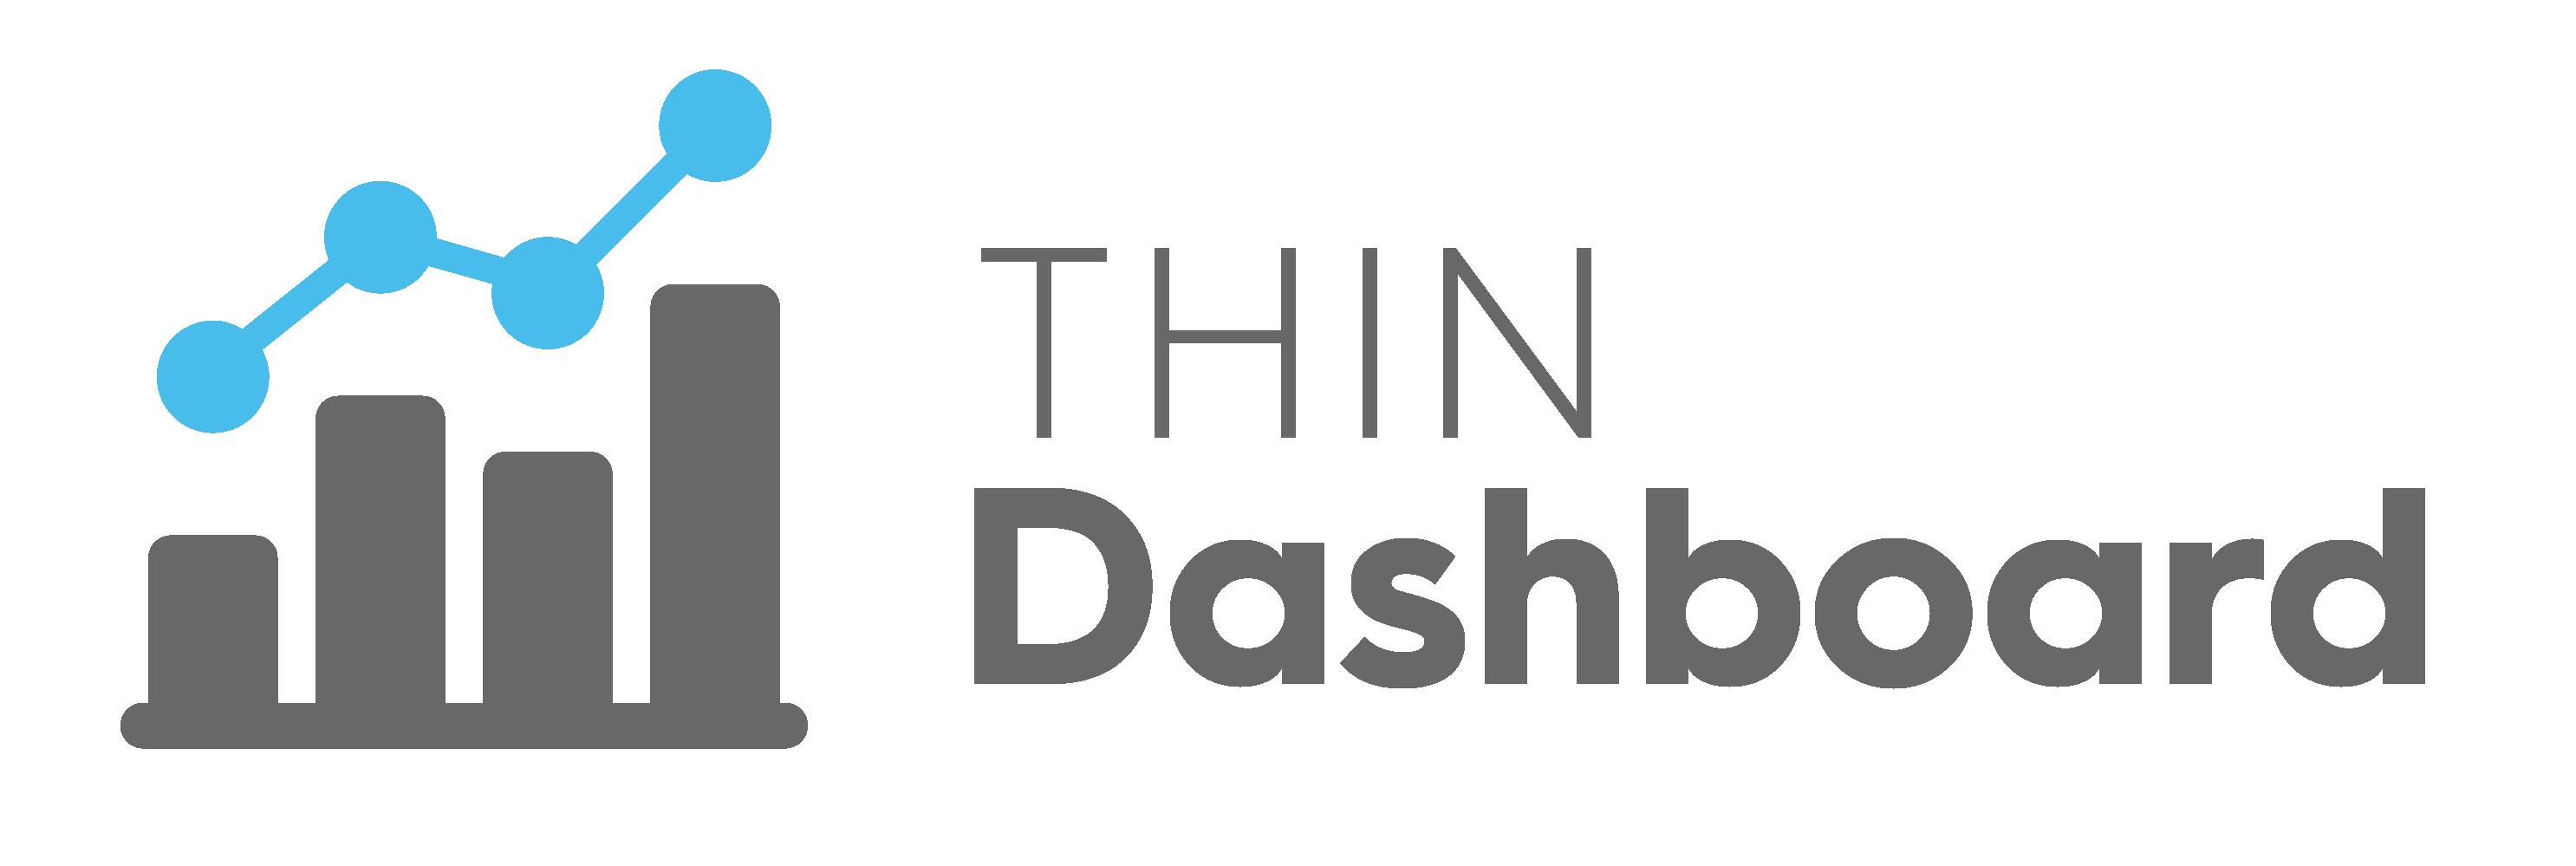 THIN Dashboard logo